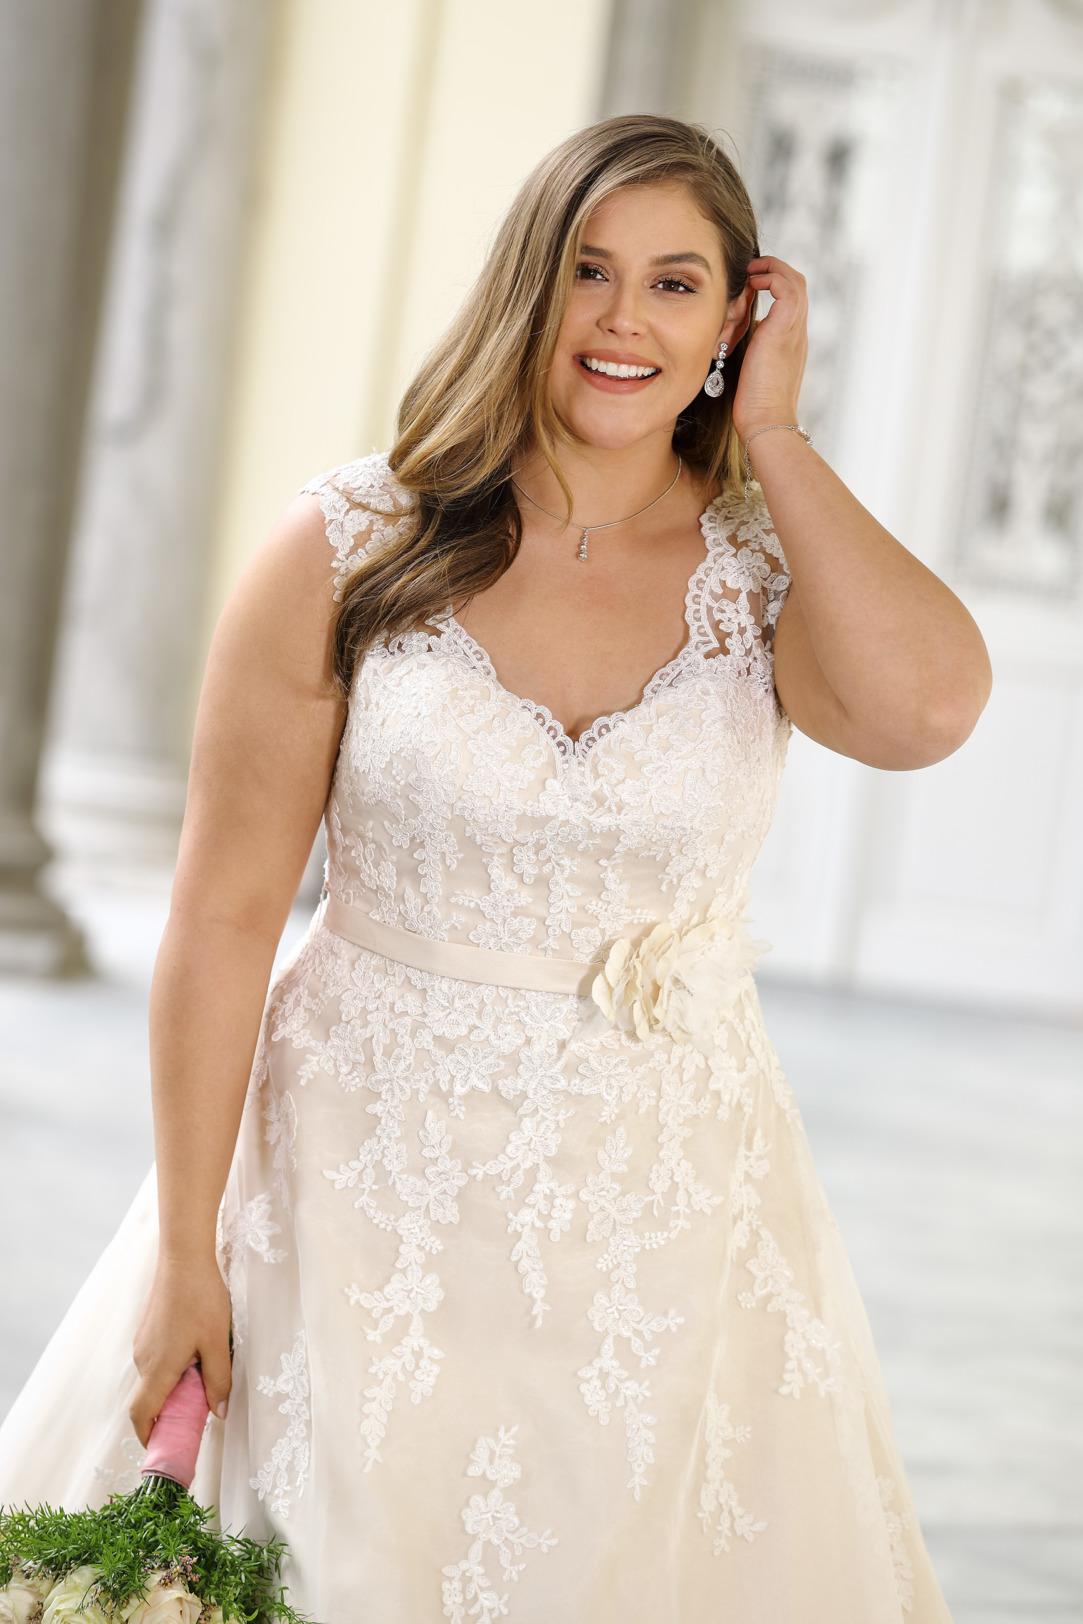 Brautkleider Hochzeitskleider Mode A Linie Ladybird mit V-Ausschnitt Spitze ohne Ärmel grosse Grösse plus size Nahaufnahme